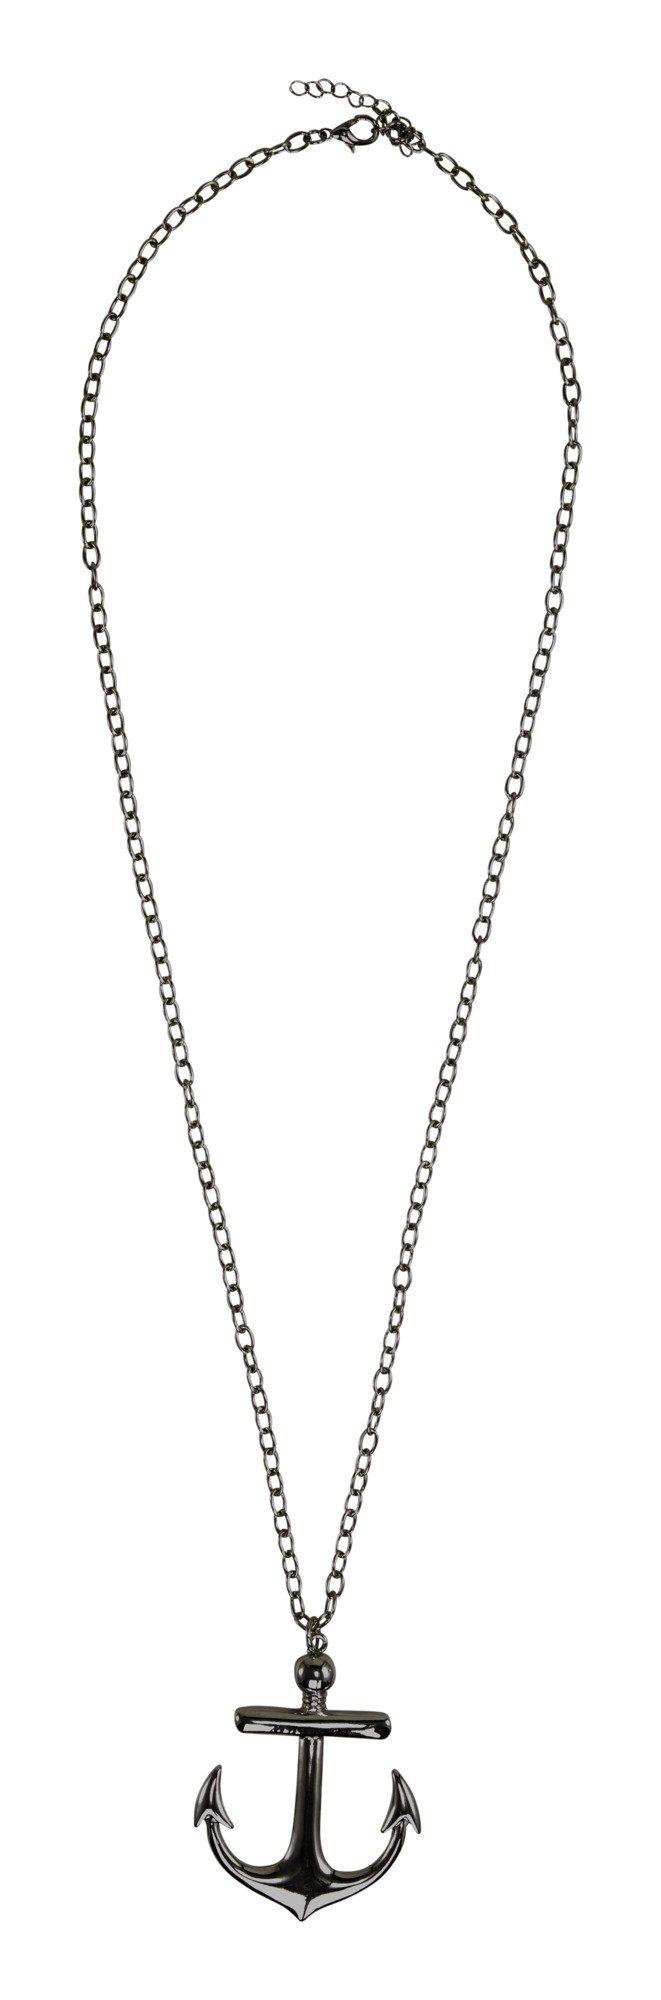 5Stk Fisch Form mit Silber Strass Blau Eamaille Charms Anhänger für Halskette